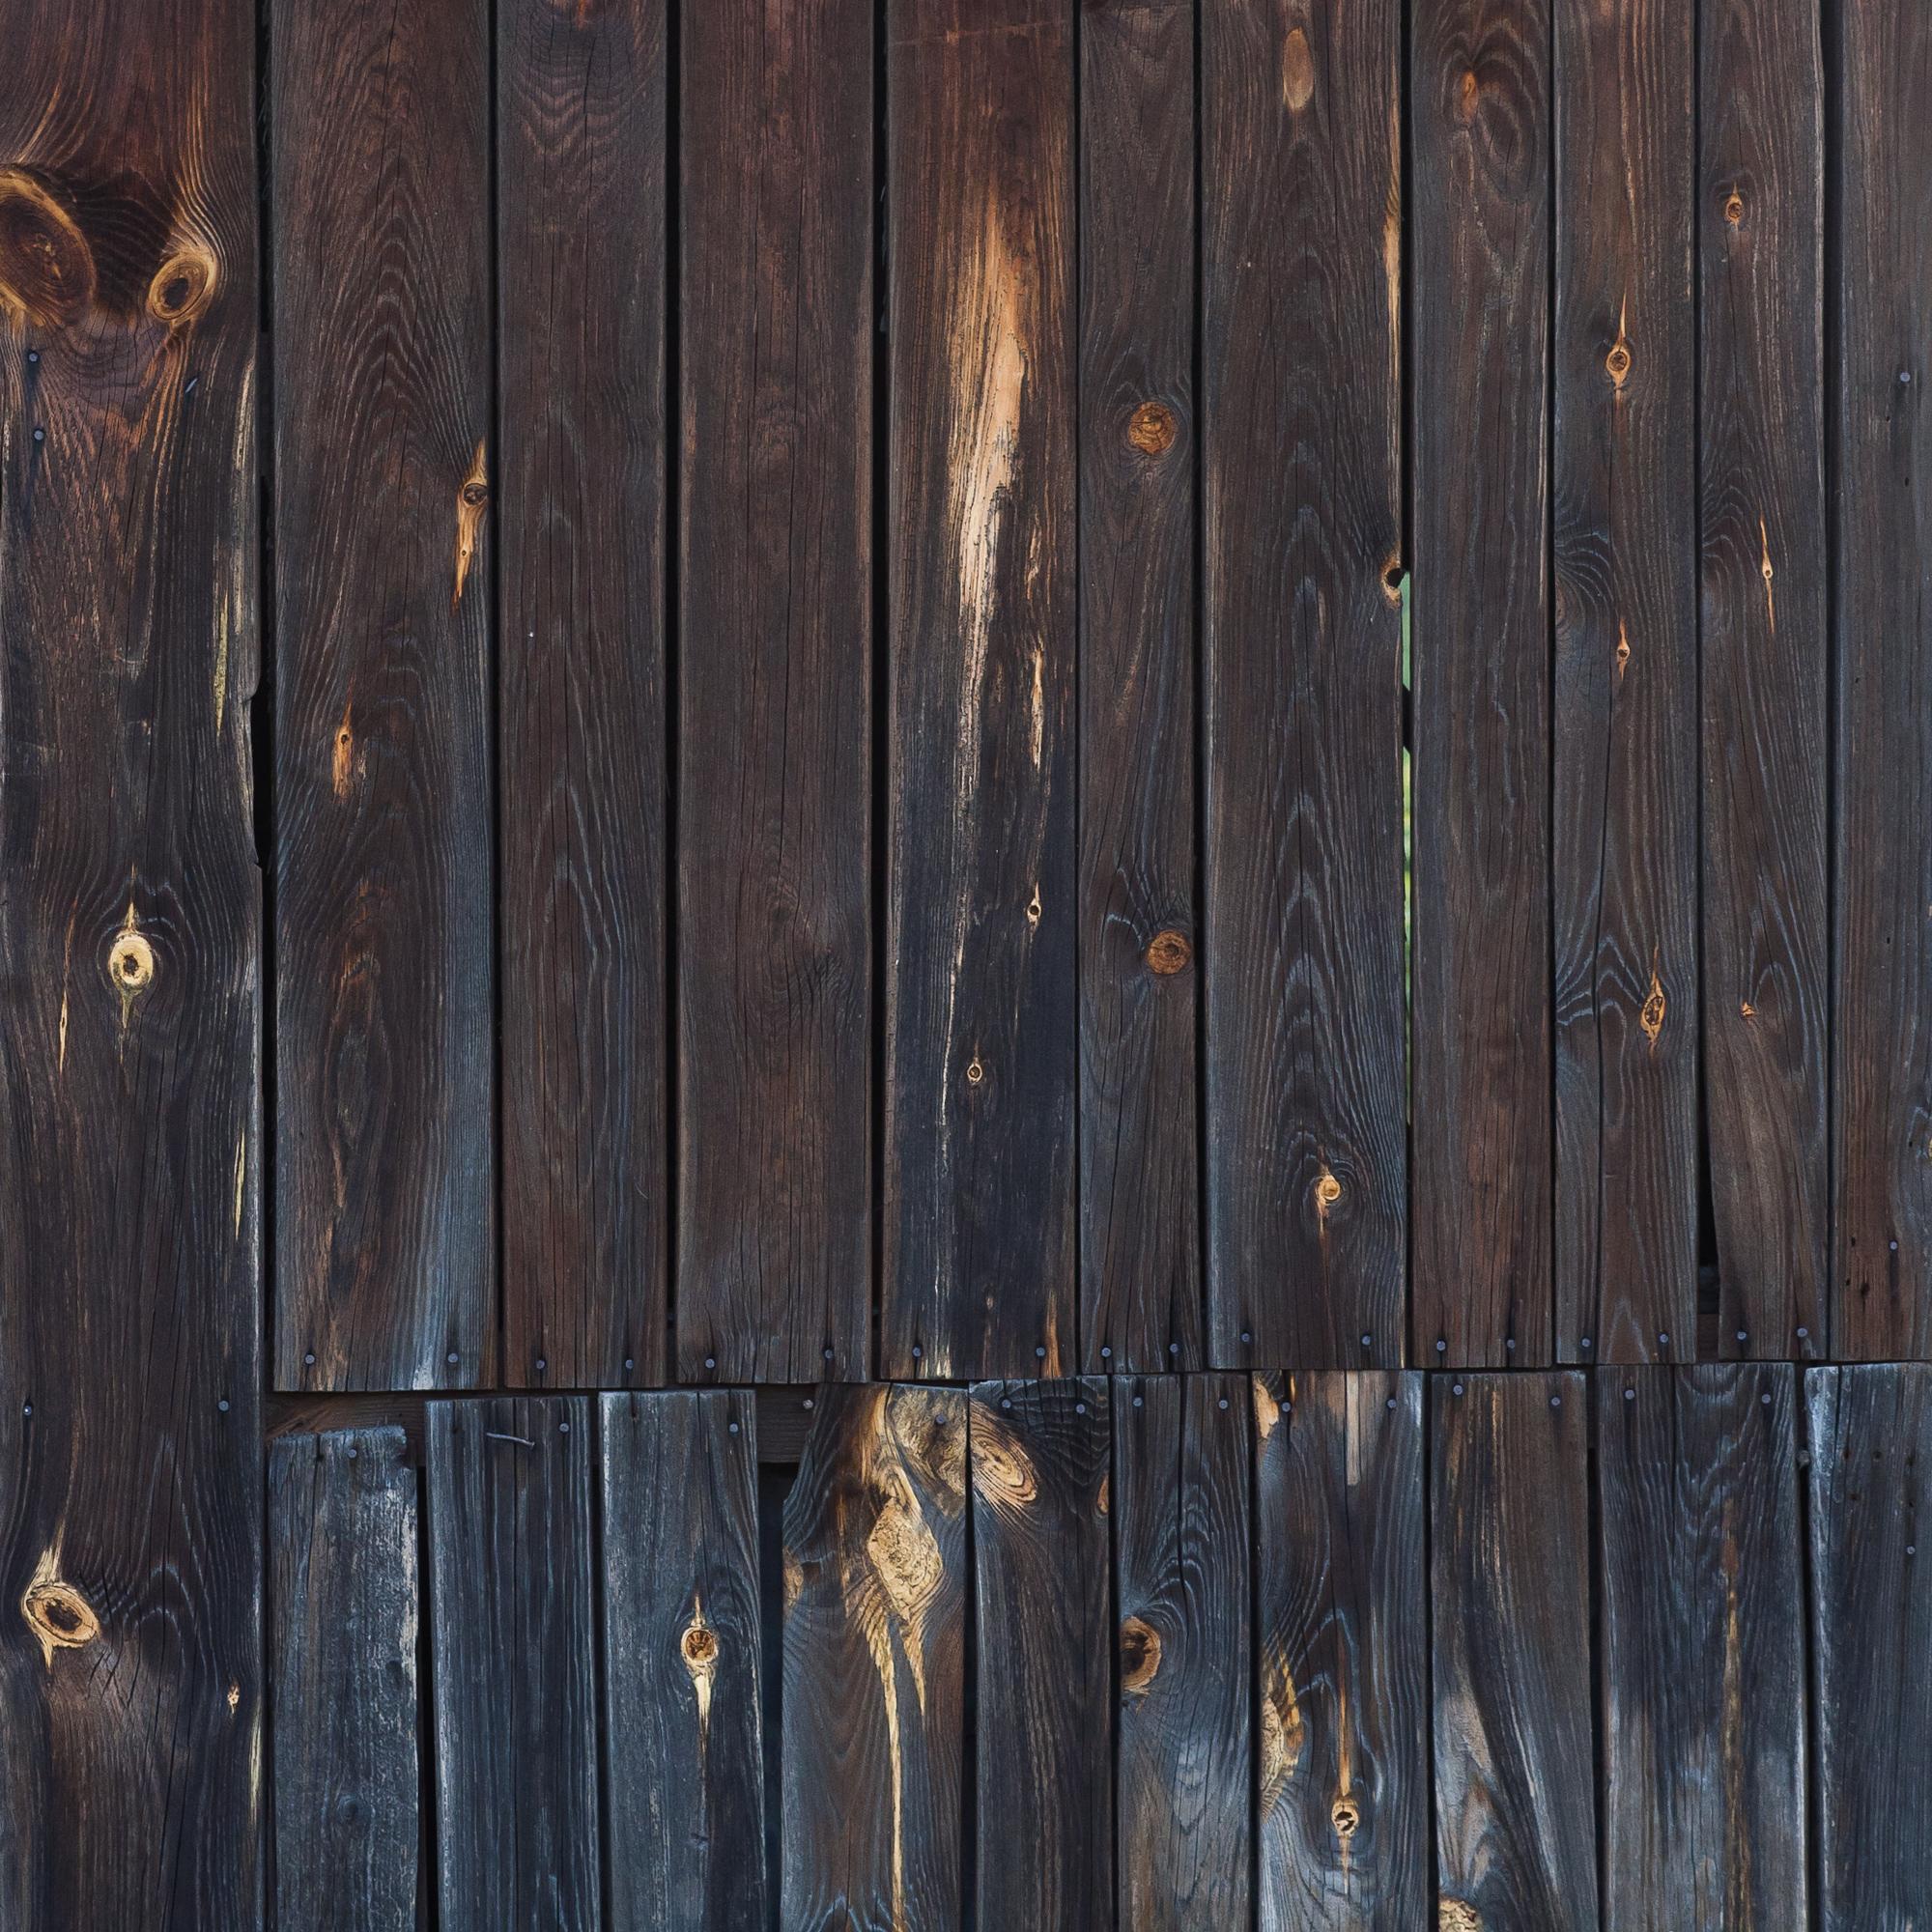 Dark Brown Wooden Texture